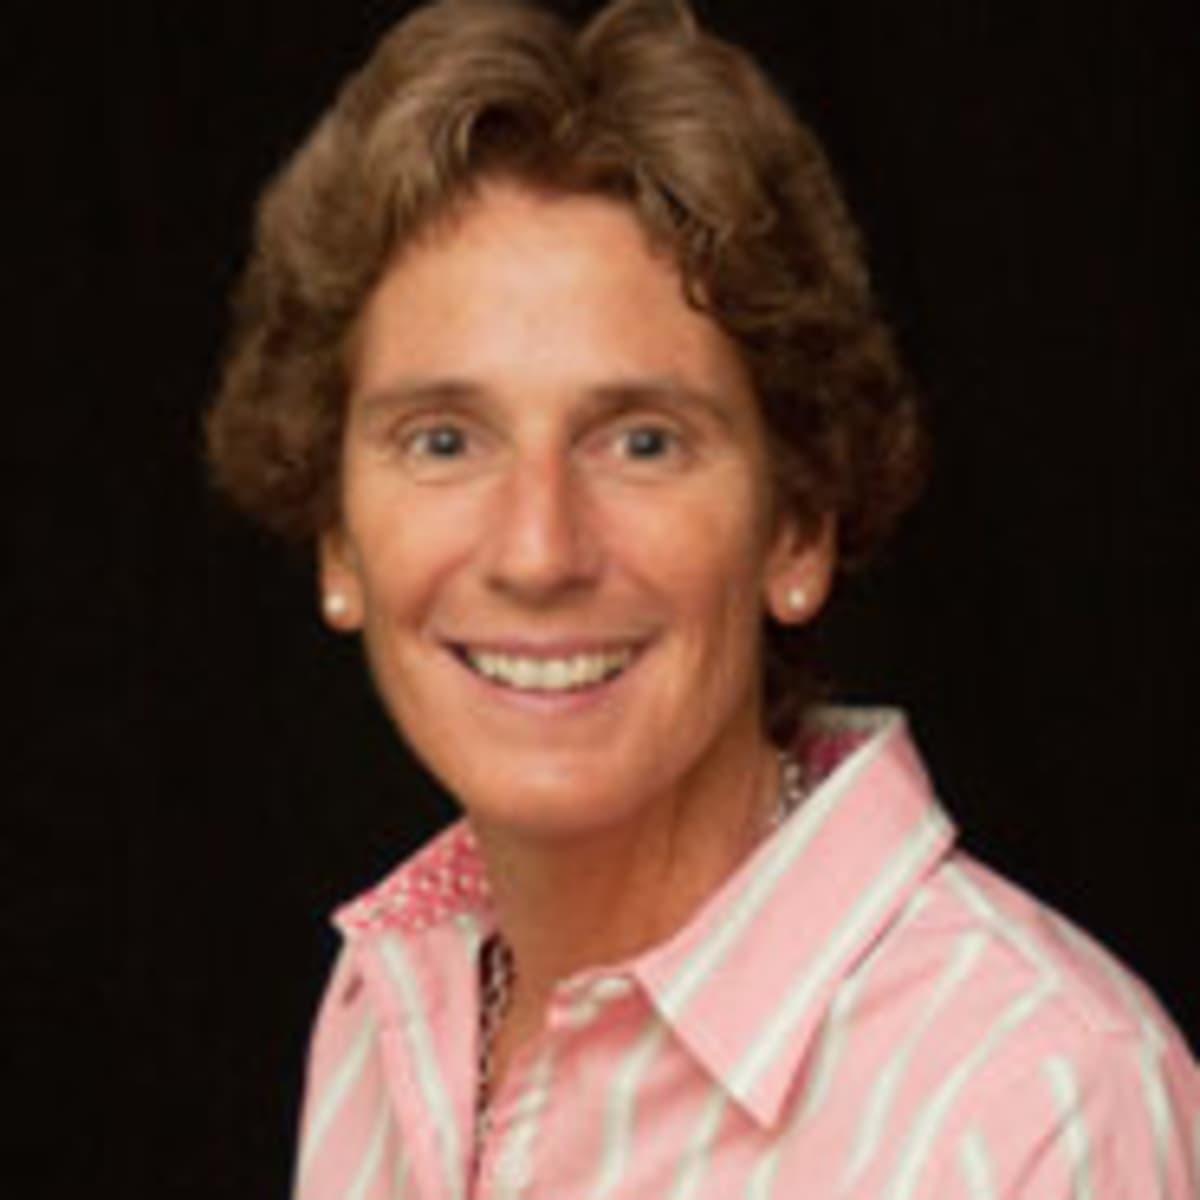 Dr Carol Gagnon Md Rochester Ny Legal Medicine